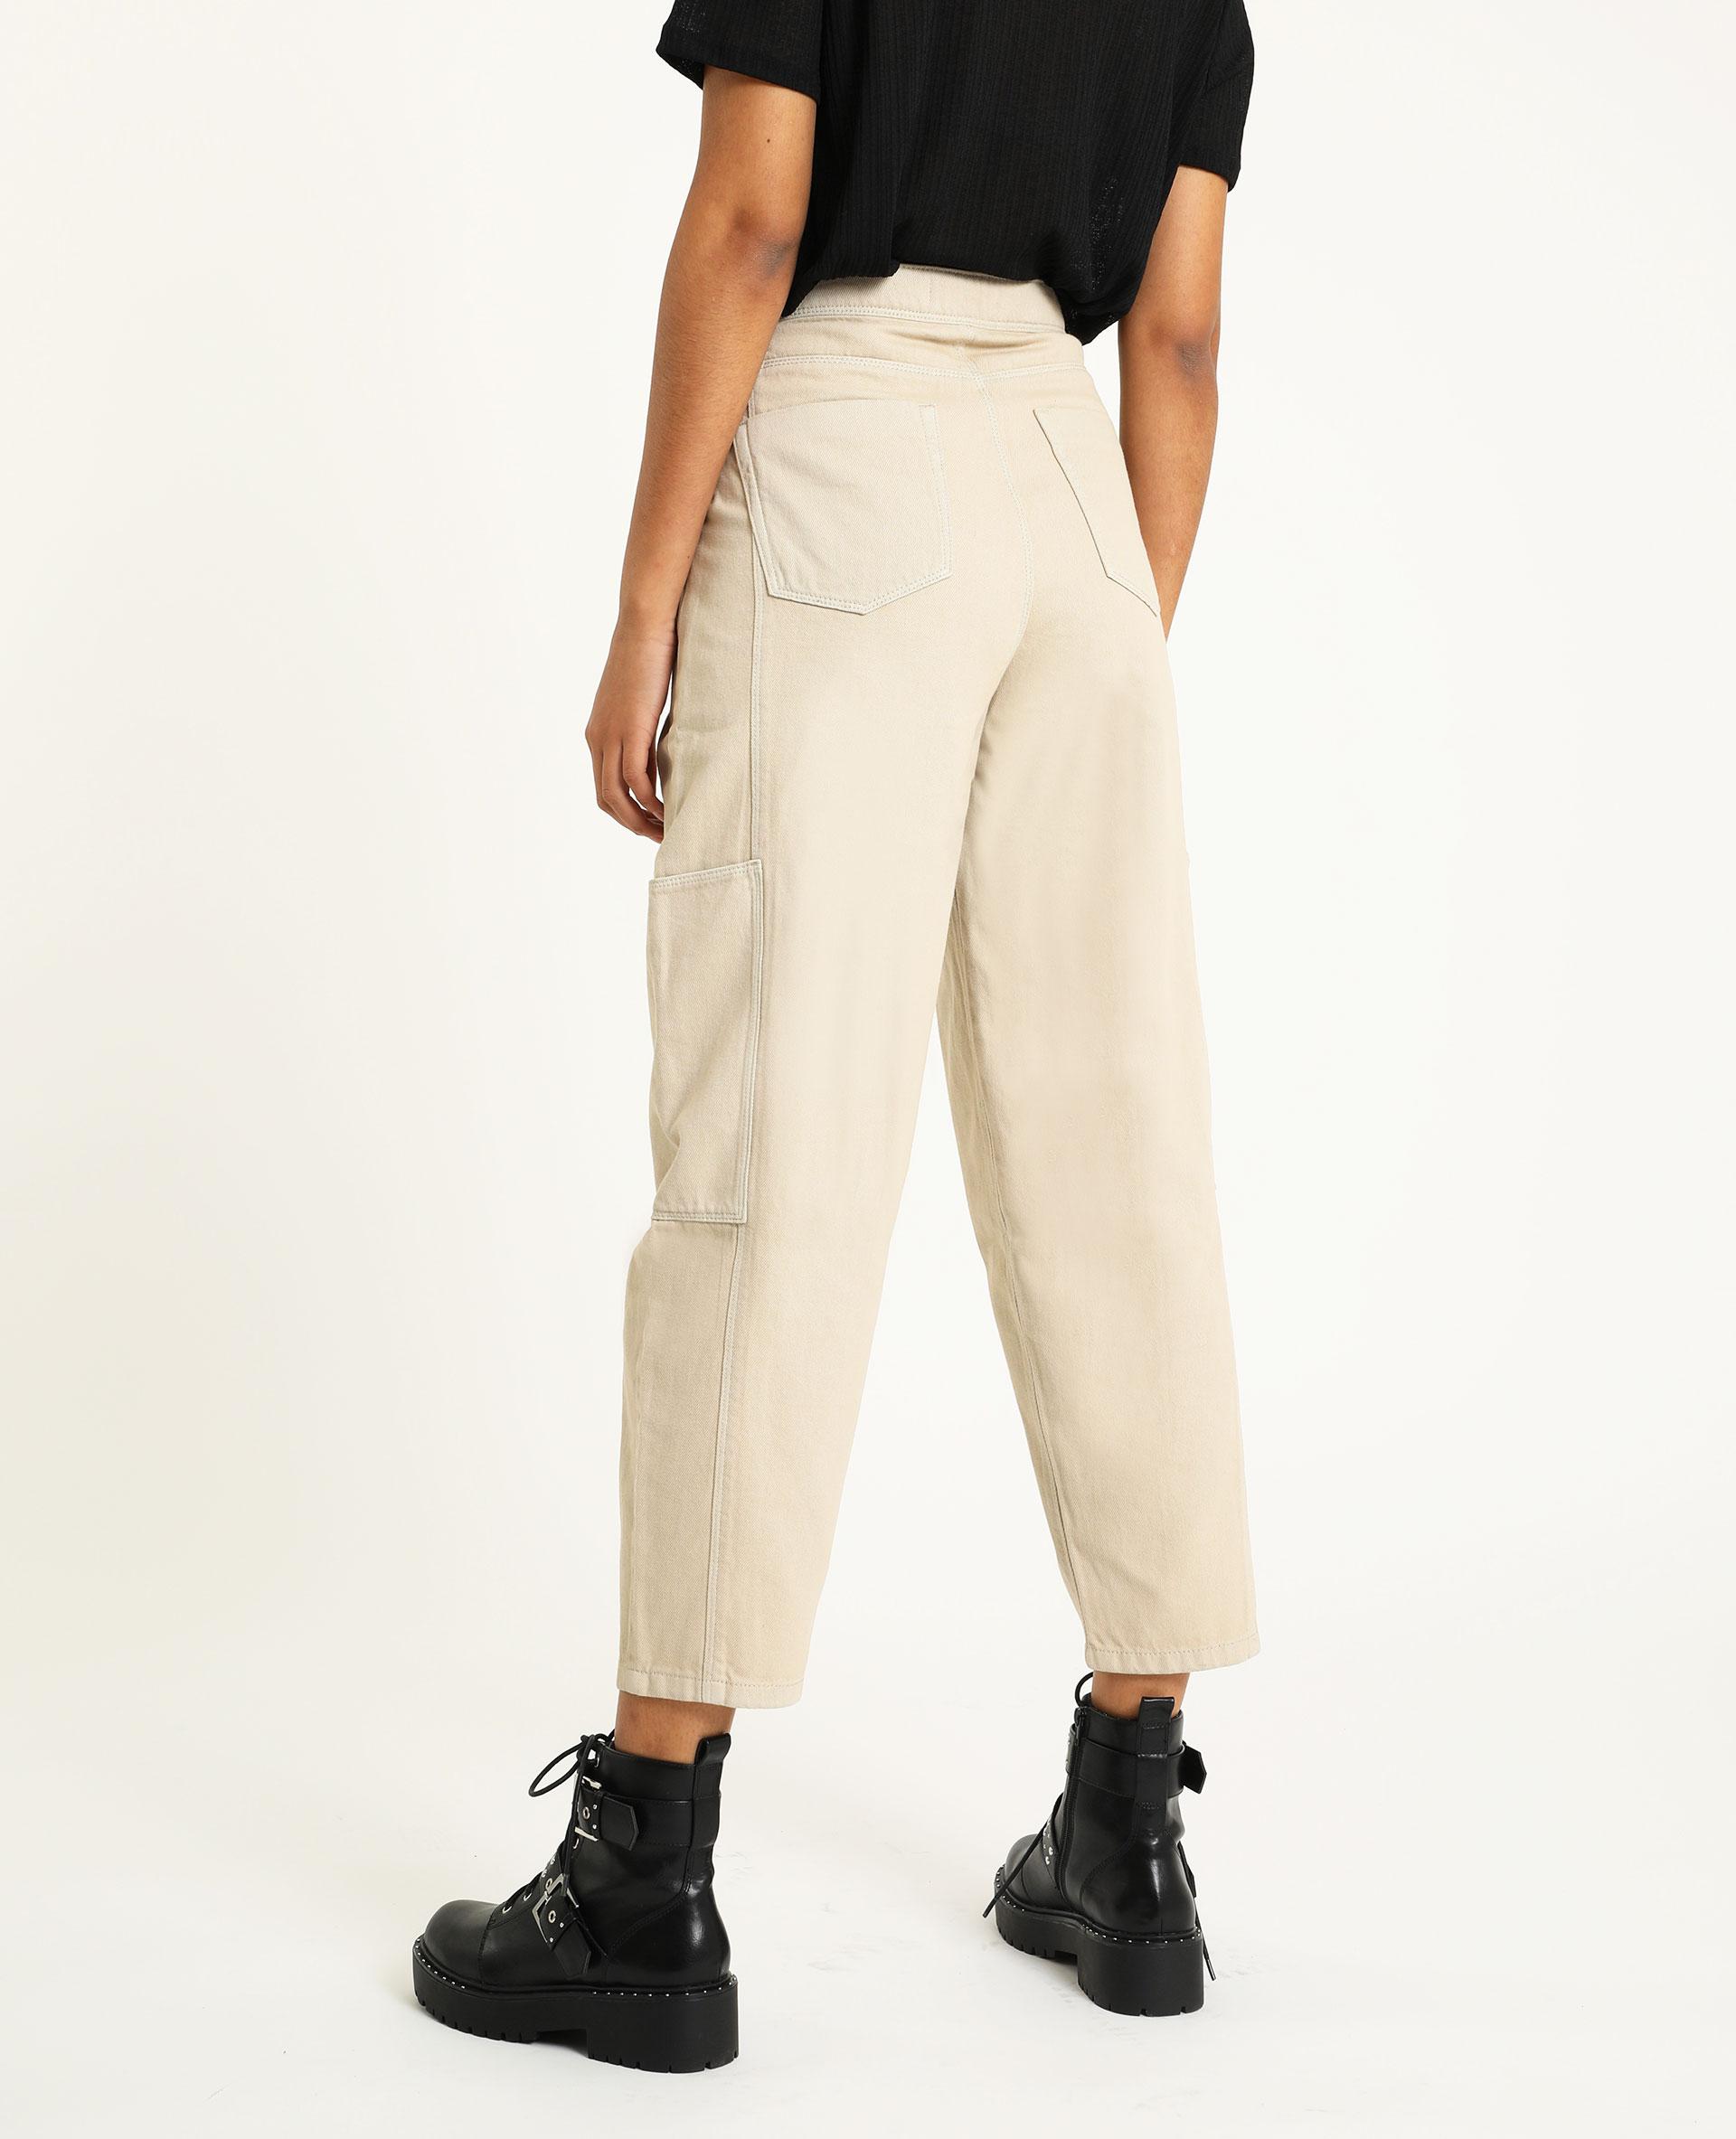 Pantalon slouchy en jean écru - Pimkie